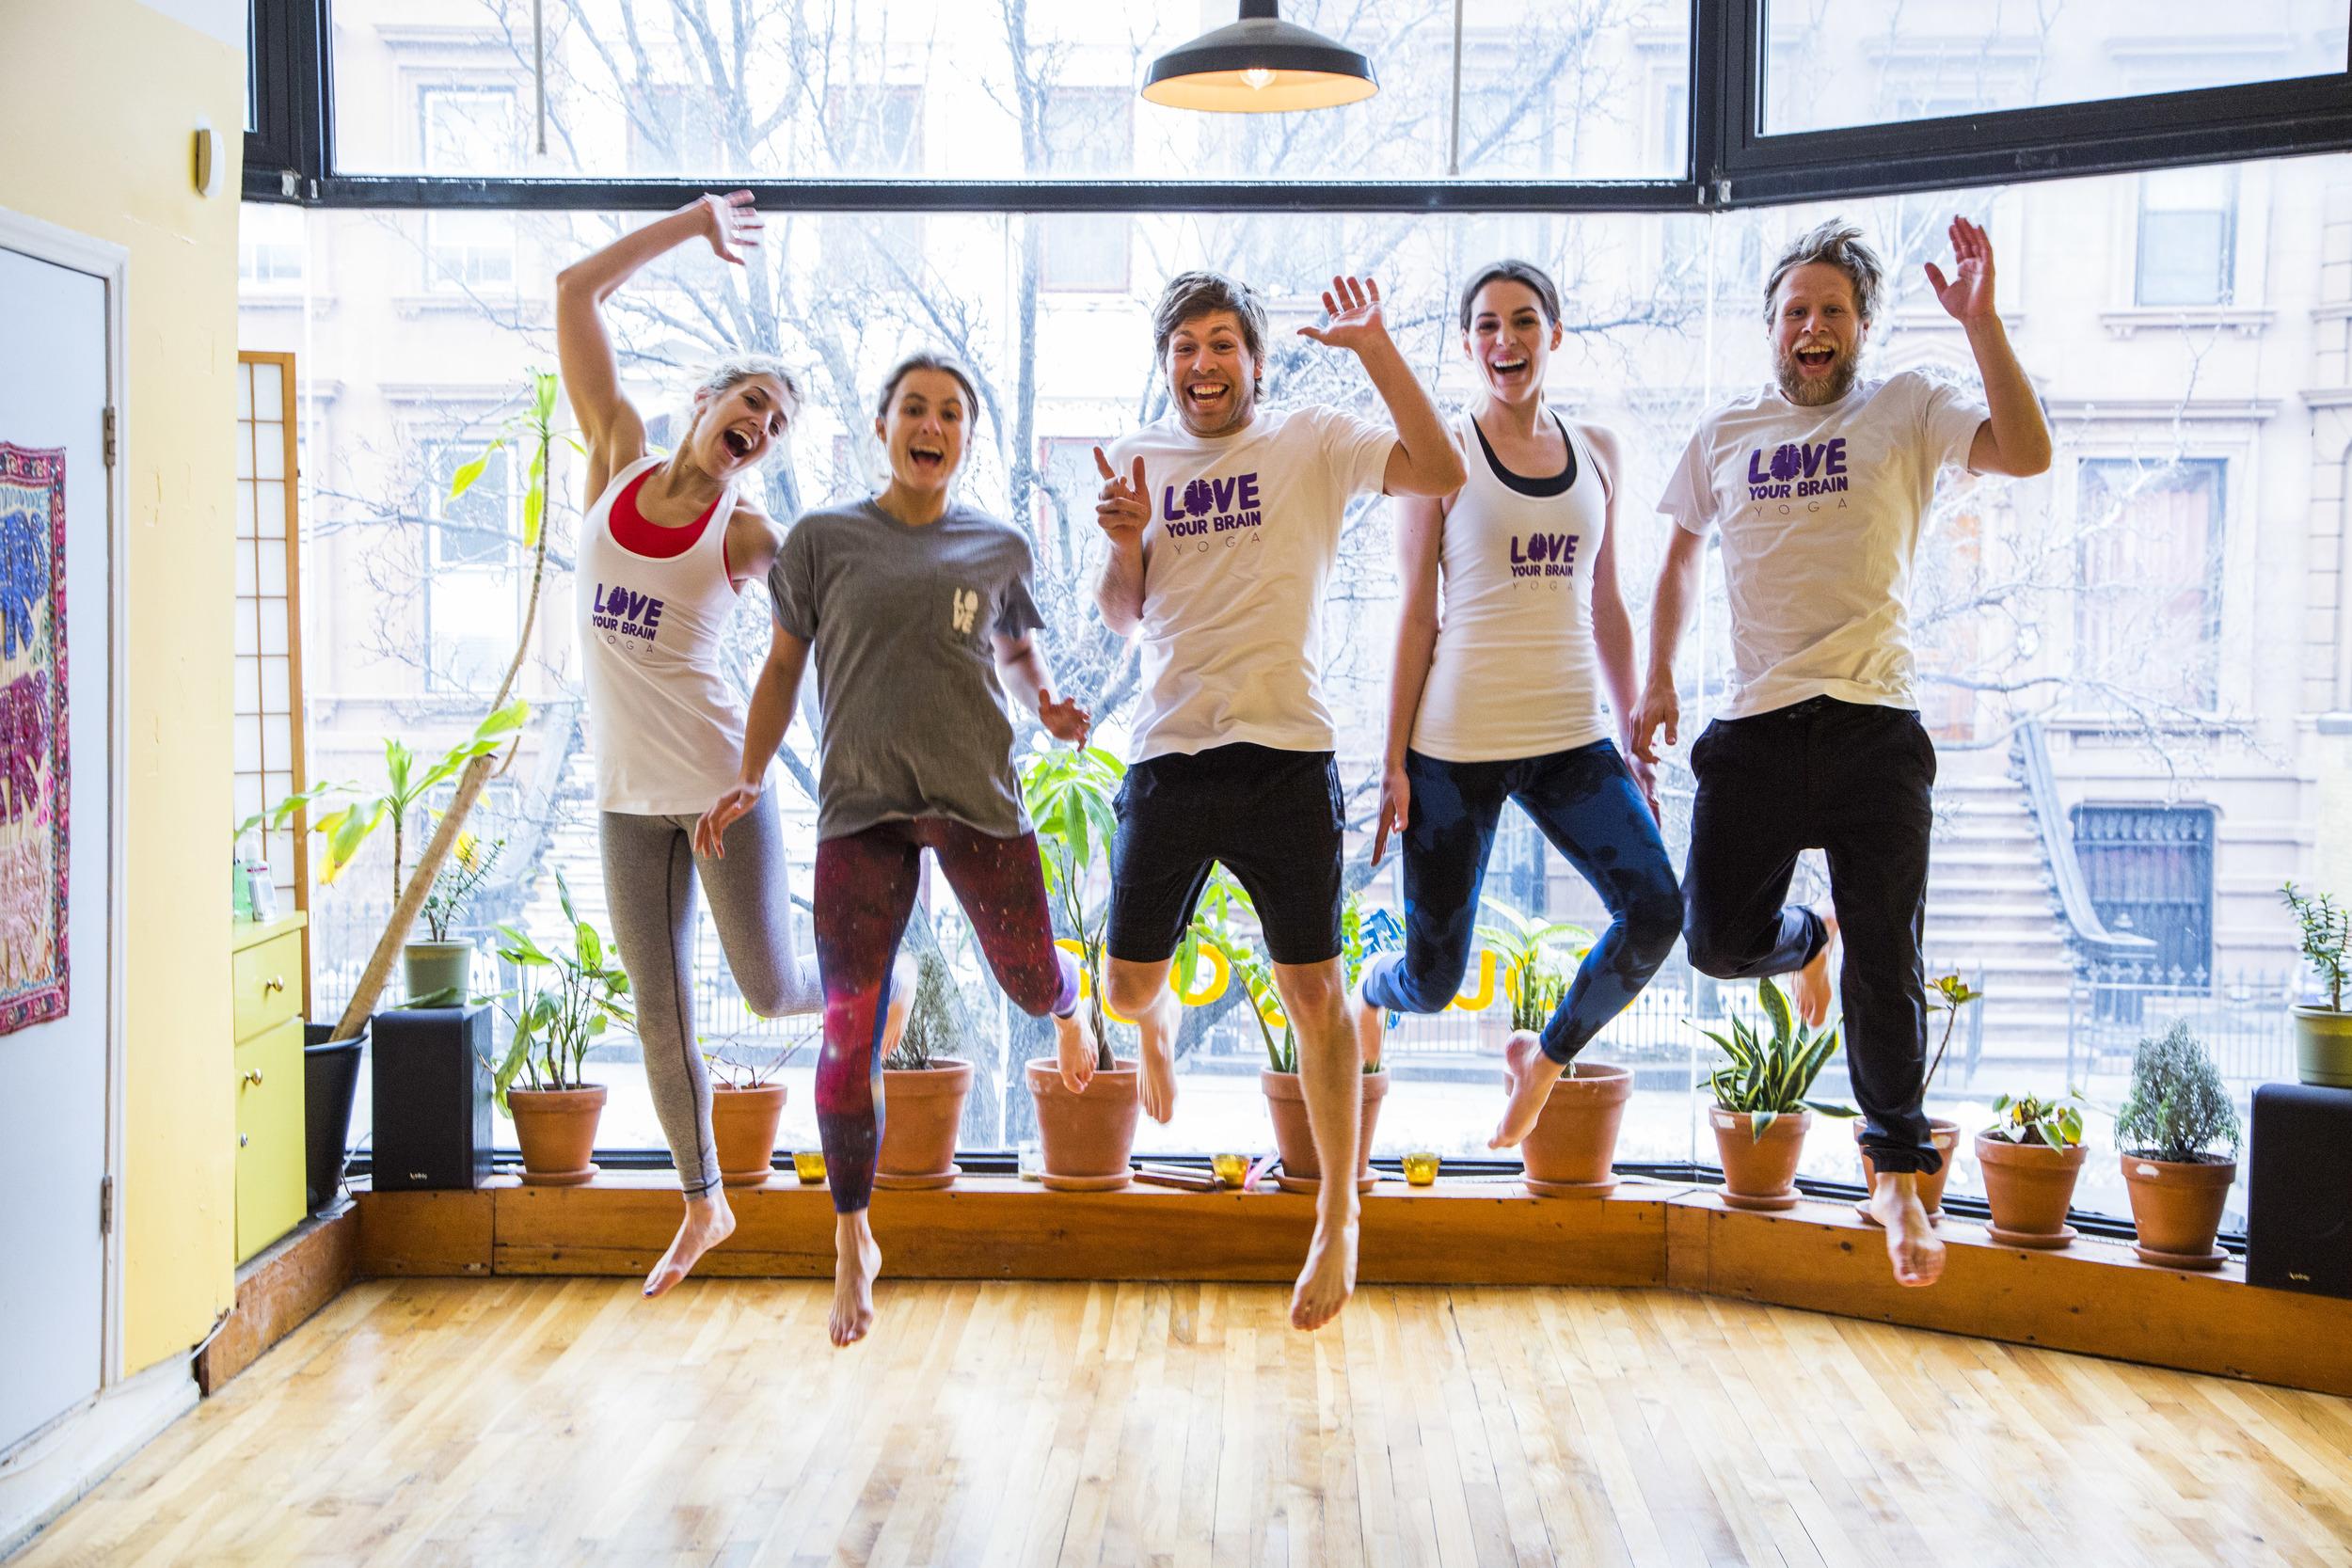 LoveYourBrain yoga group